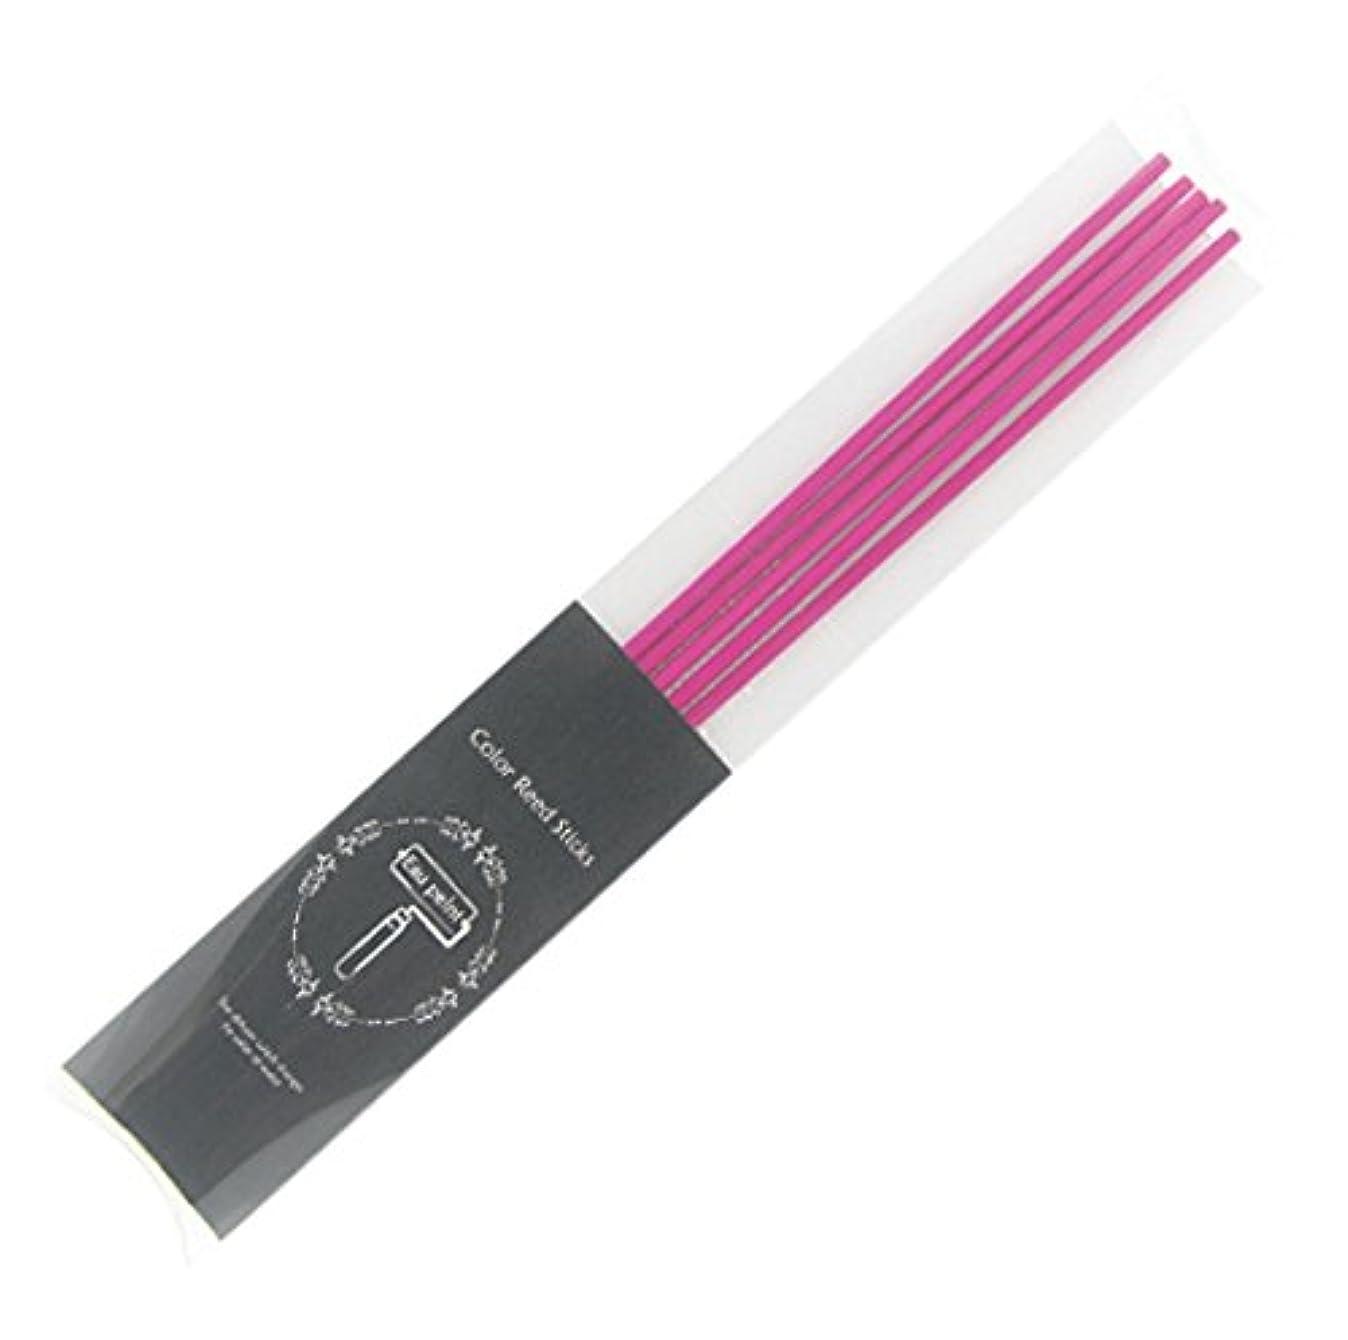 先史時代の電卓タックEau peint mais+ カラースティック リードディフューザー用スティック 5本入 ピンク Pink オーペイント マイス